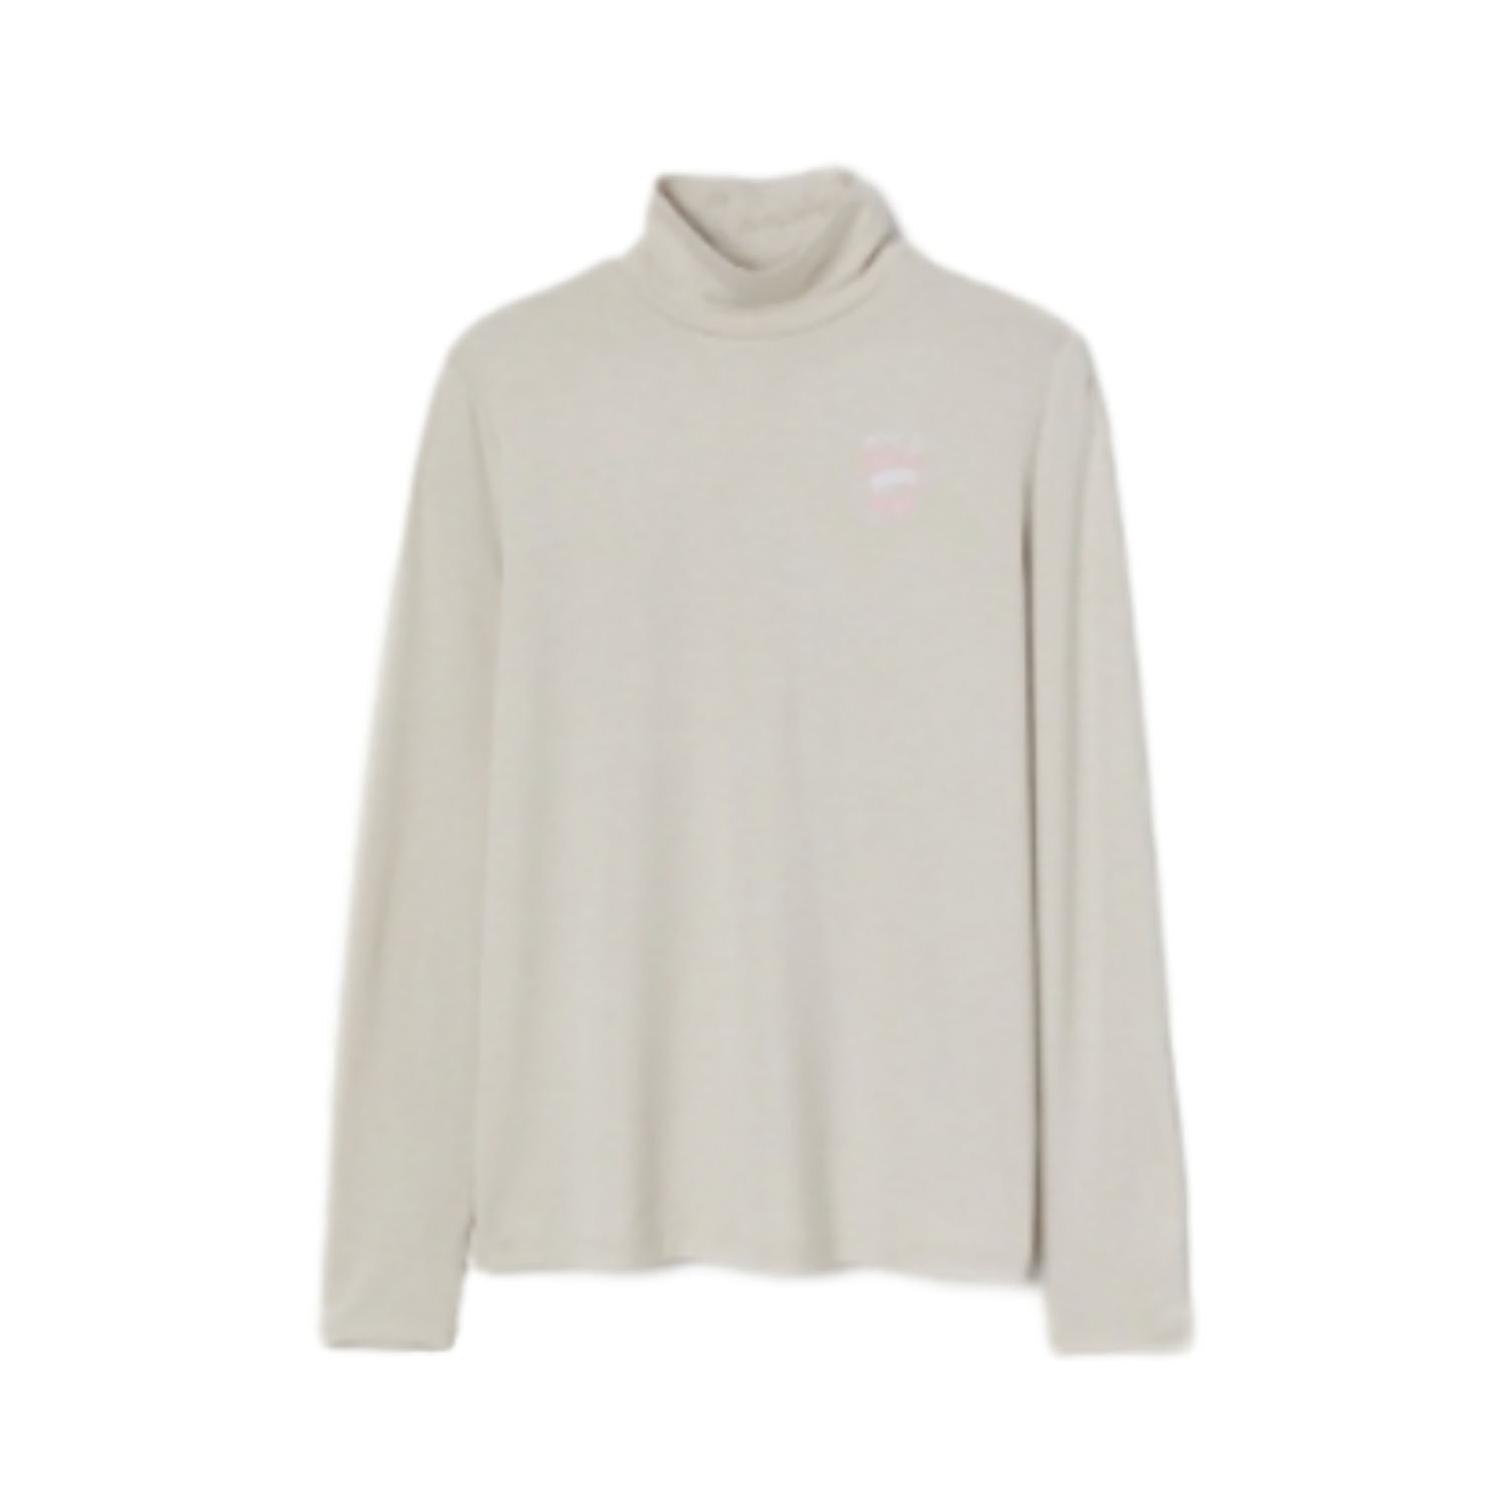 H&M DIVIDED高领打底长袖T恤 0935939